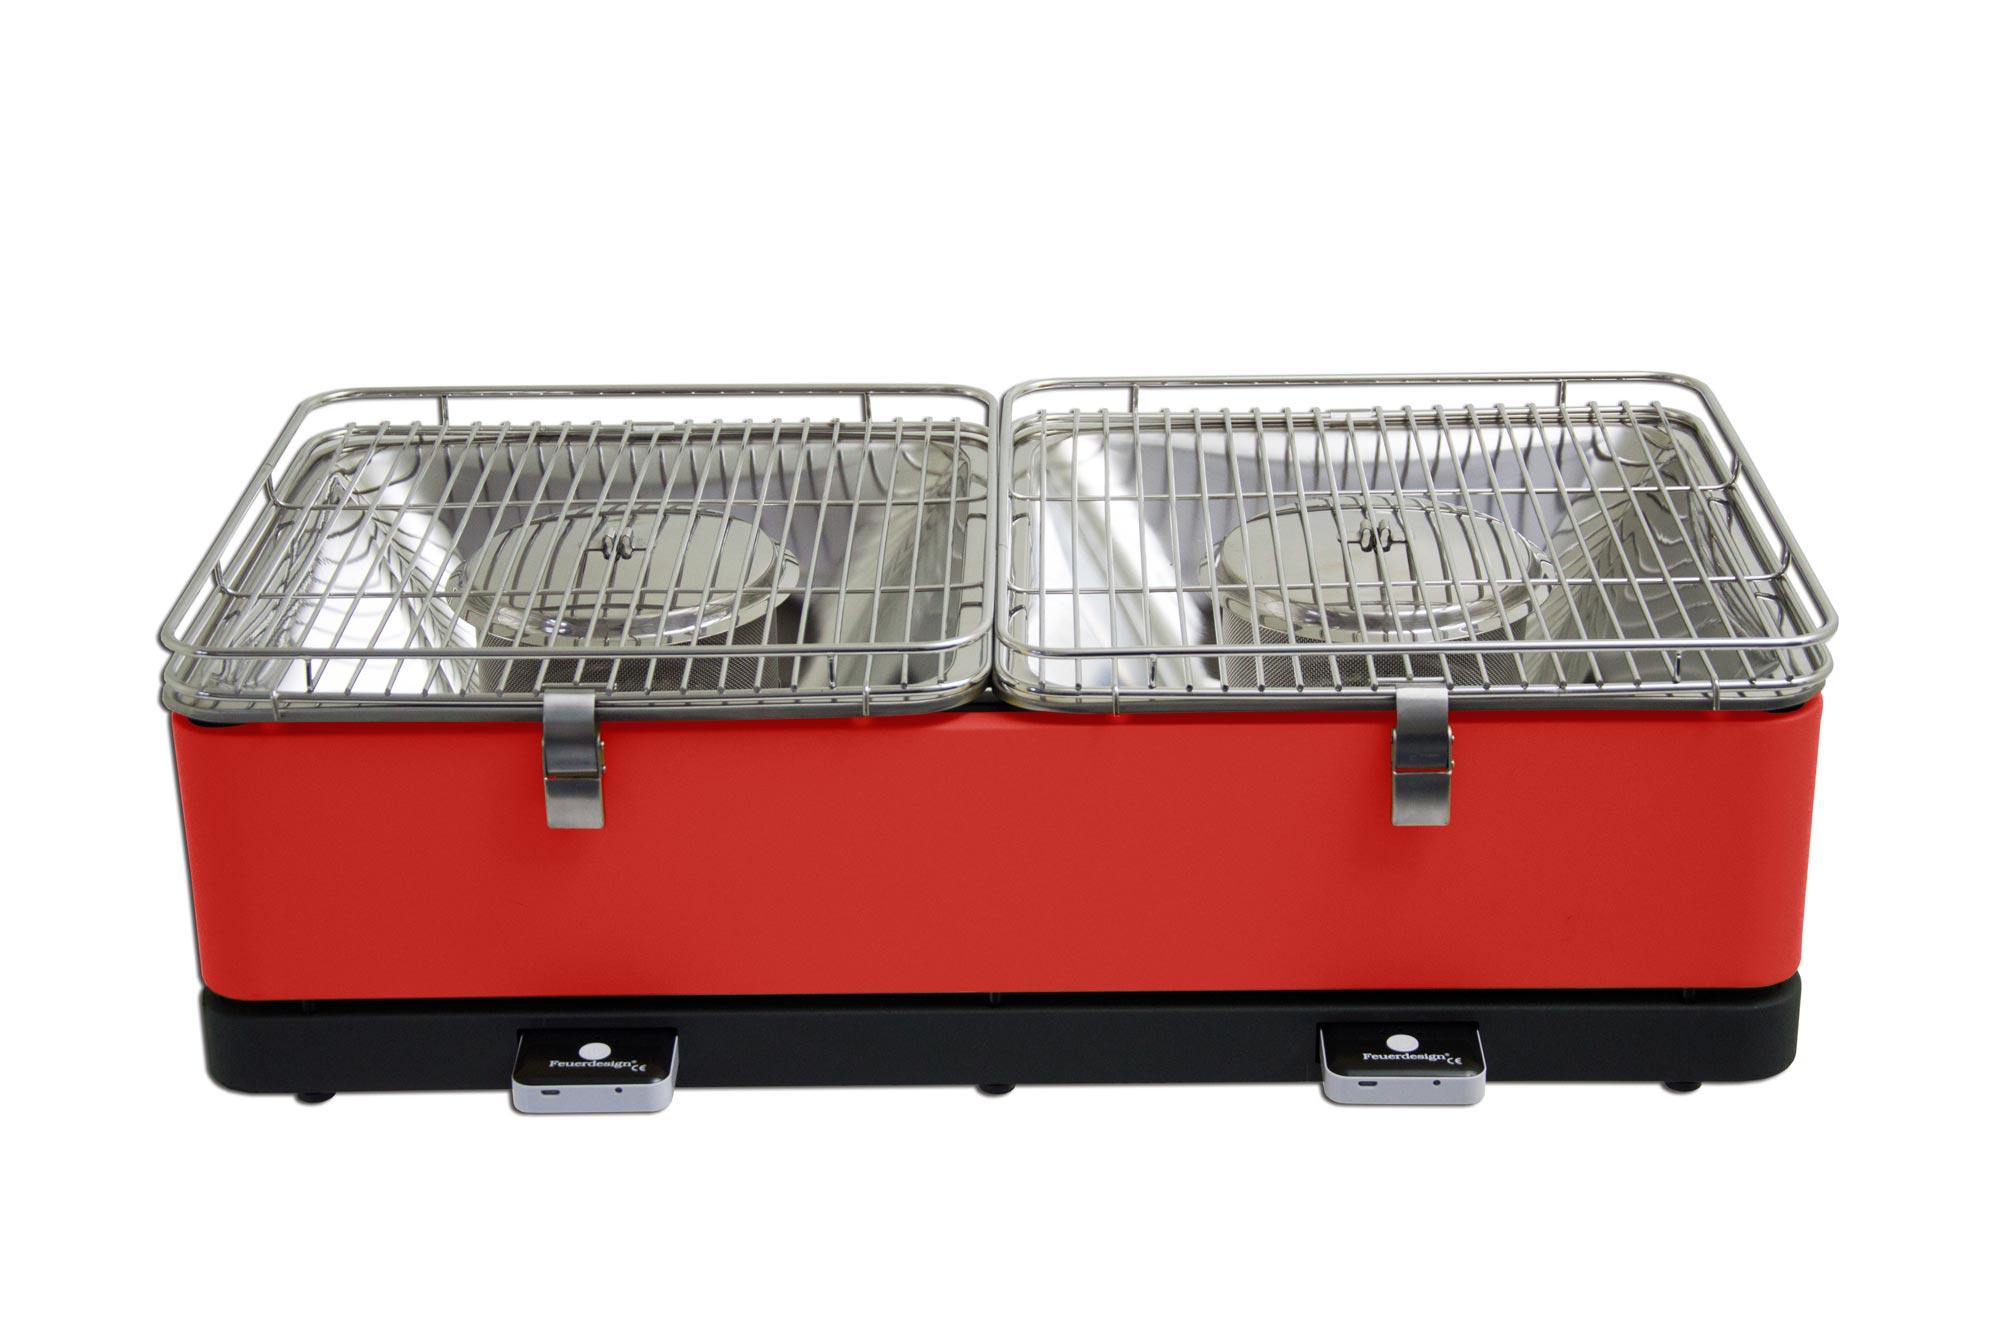 Rauchfreier Grill Feuerdesign Santorin 69x34cm rot Bild 1